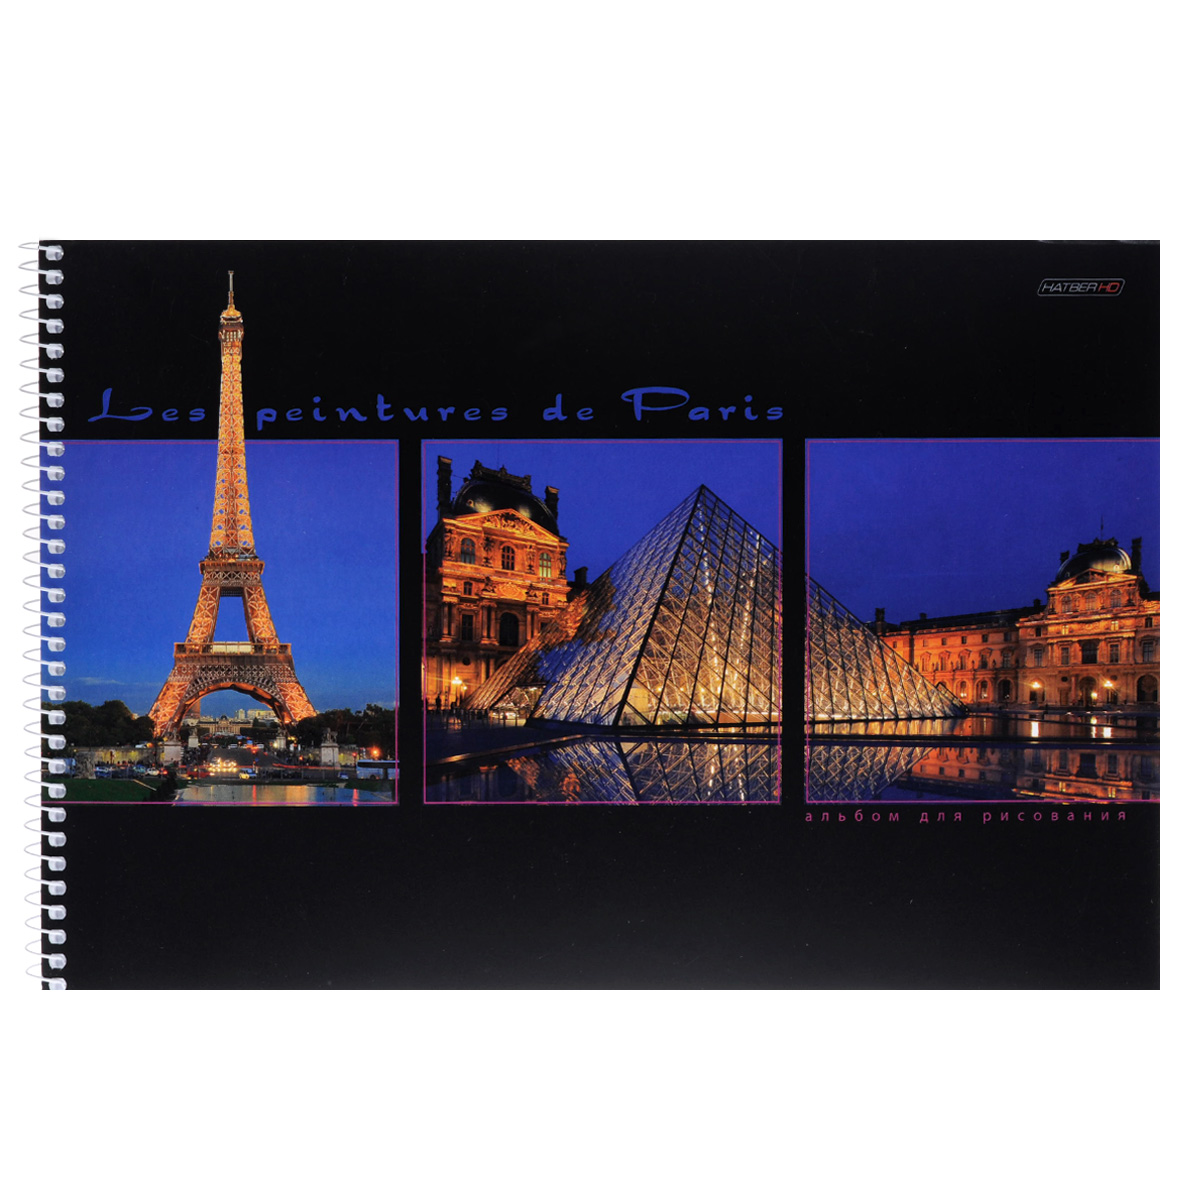 Альбом для рисования Hatber HD Окна Парижа, 48 листов0703415Альбом для рисования на боковой спирали Hatber HD Окна Парижа премиум класса непременно порадует маленького художника и вдохновит его на творчество. Альбом изготовлен из шелковисто-матовой бумаги с обложкой из мелованного картона, оформленной оригинальным рисунком с изображением достопримечательностей Парижа.В альбоме 48 листов. Высокое качество бумаги позволяет рисовать в альбоме карандашами, фломастерами, акварельными и гуашевыми красками. Рисование позволяет ребенку развивать творческие способности, кроме того, это увлекательный досуг.Способ крепления листов - спираль. Жесткая подложка. Перфорация листов.Альбом на спирали позволяет долгие годы хранить памятные рисунки, ведь их так просто удалить из альбома и поместить в рамку.